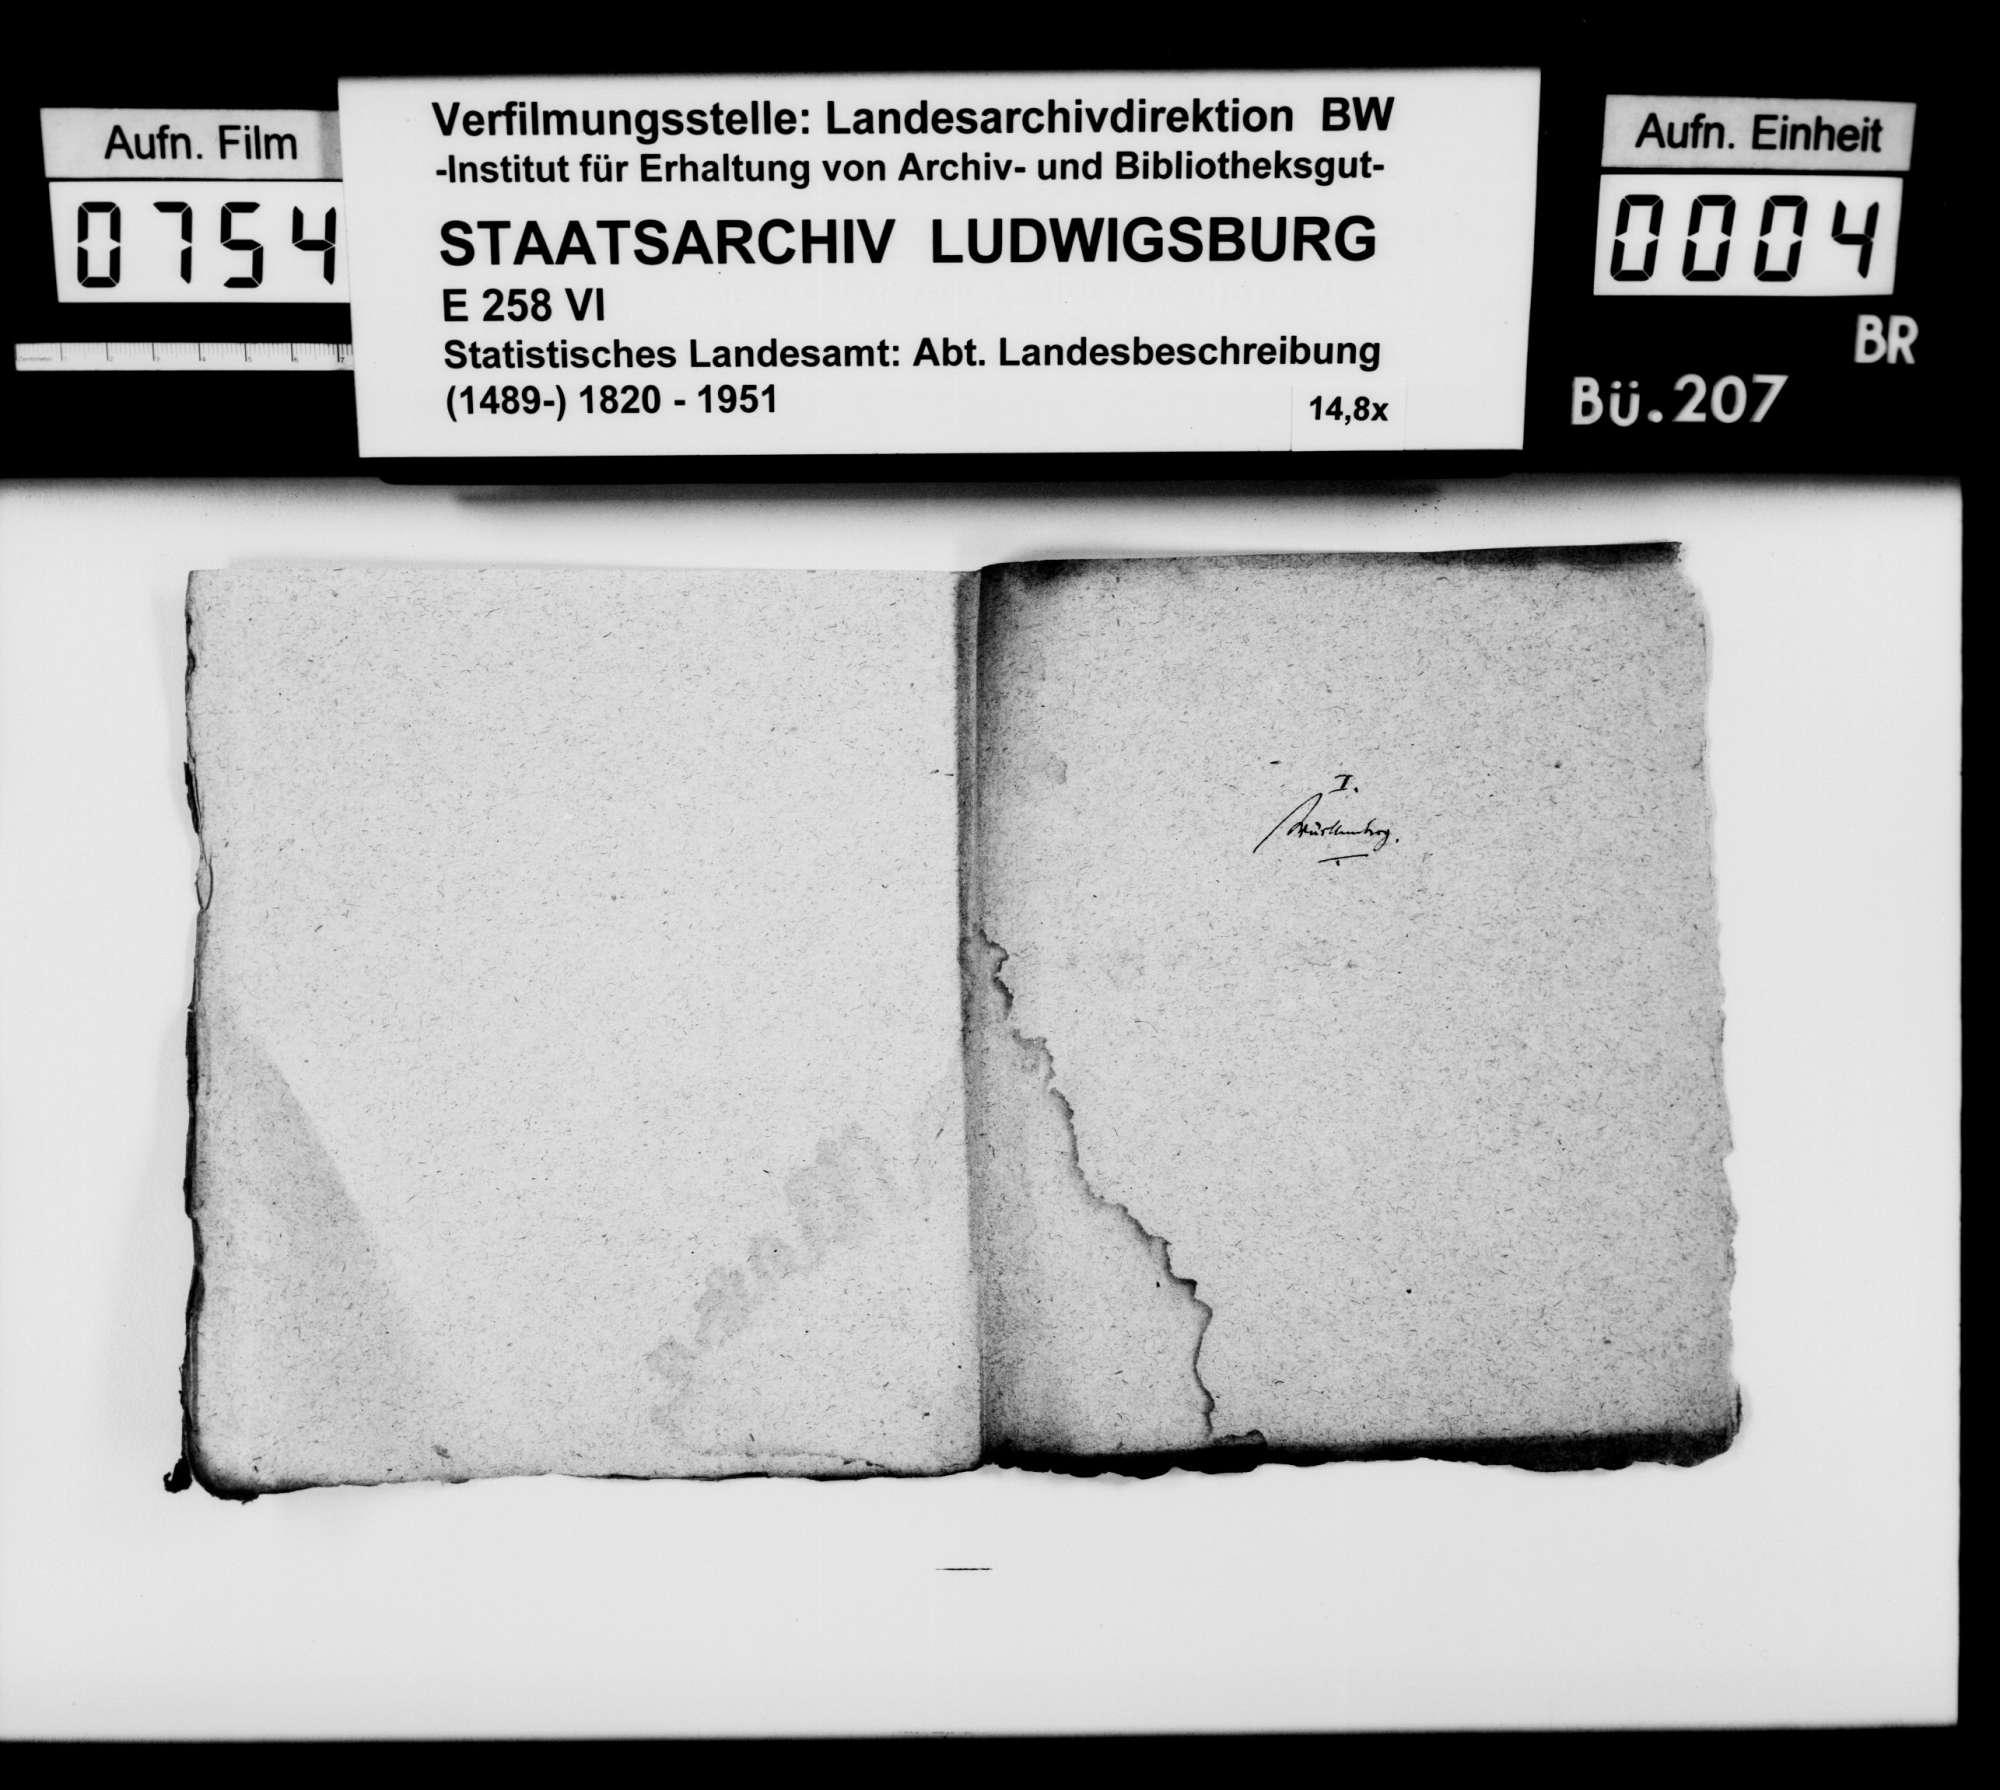 Materialsammlung des Karl von Alberti: Notizen zur Geschichte der Buchdruckereien in Schwaben; I. Württemberg, II. Baden, III. bayerisches Schwaben, Bild 2